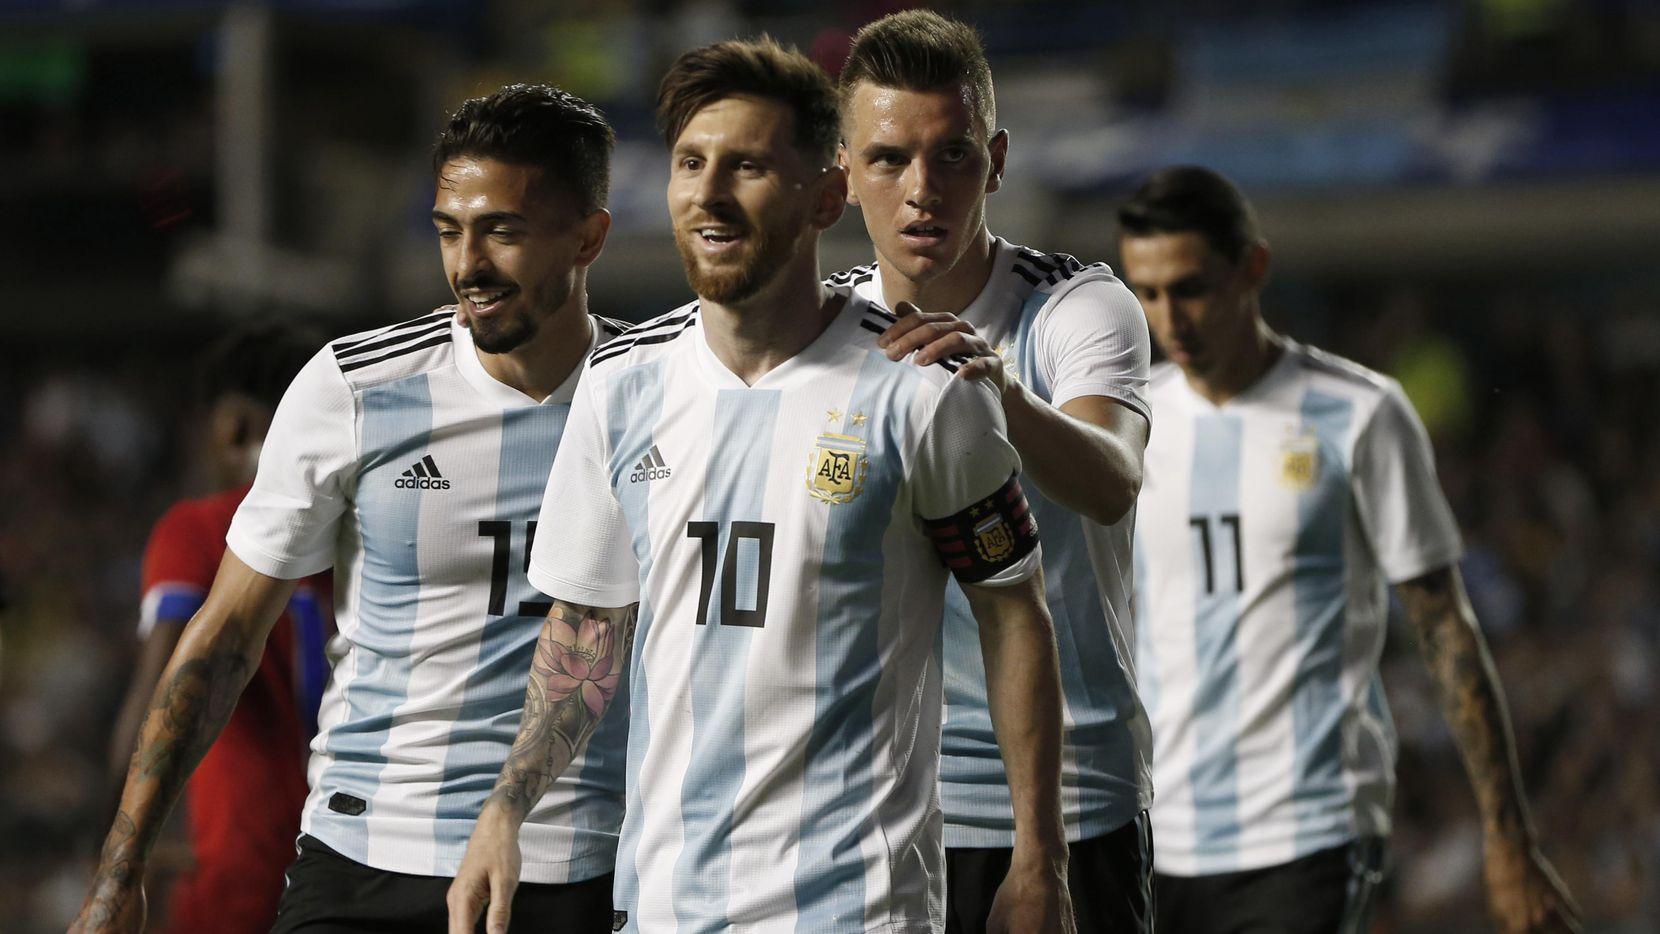 (De izq. a der.) Manuel Lanzini, Lionel Messi, Giovanni Lo Celso y Ángel Di María forman parte de la selección argentina, una de las de menor promedio de estatura en el Mundial, con 5-8 pies. (AP/Natacha Pisarenko)